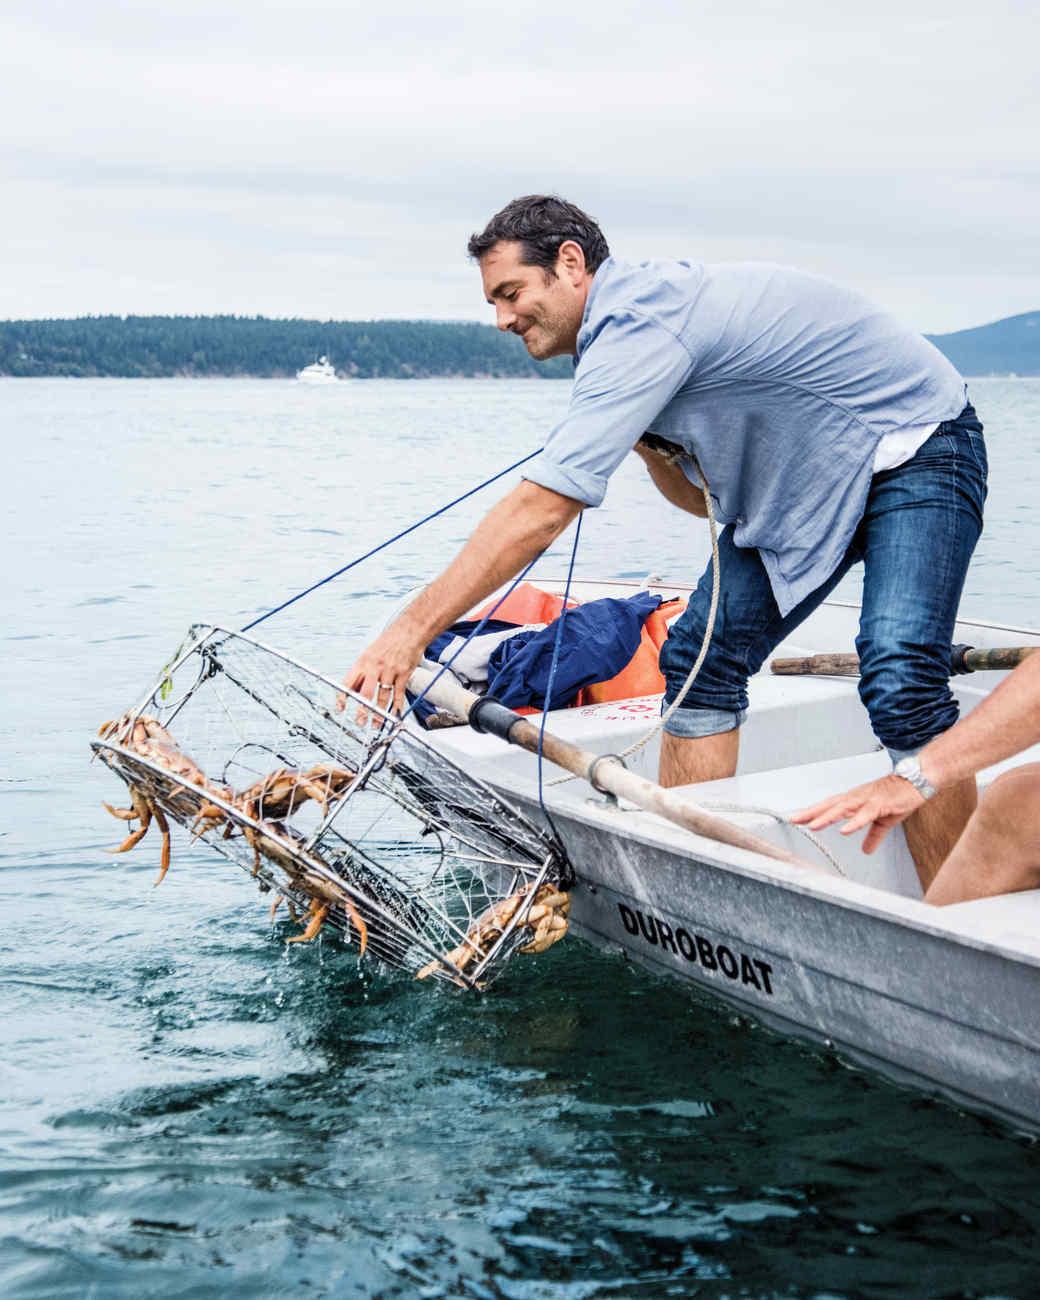 crabbing-13-d111488.jpg